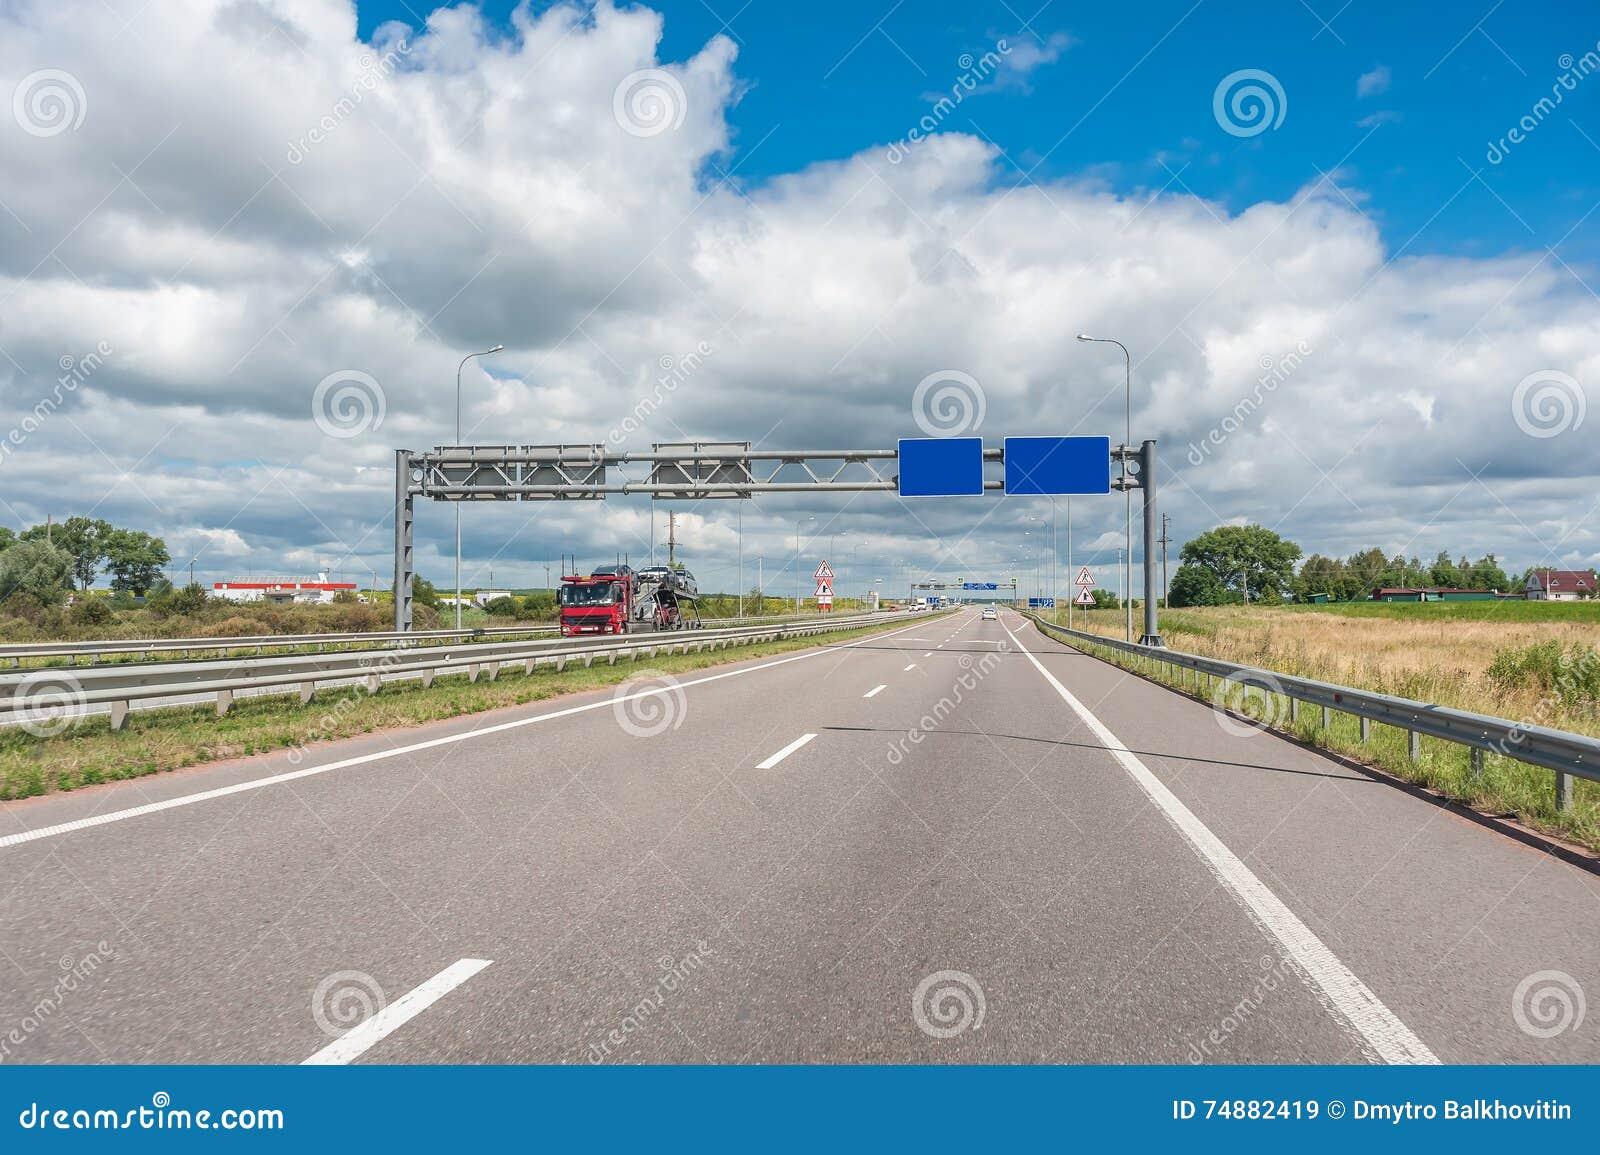 Carros e caminhões na estrada